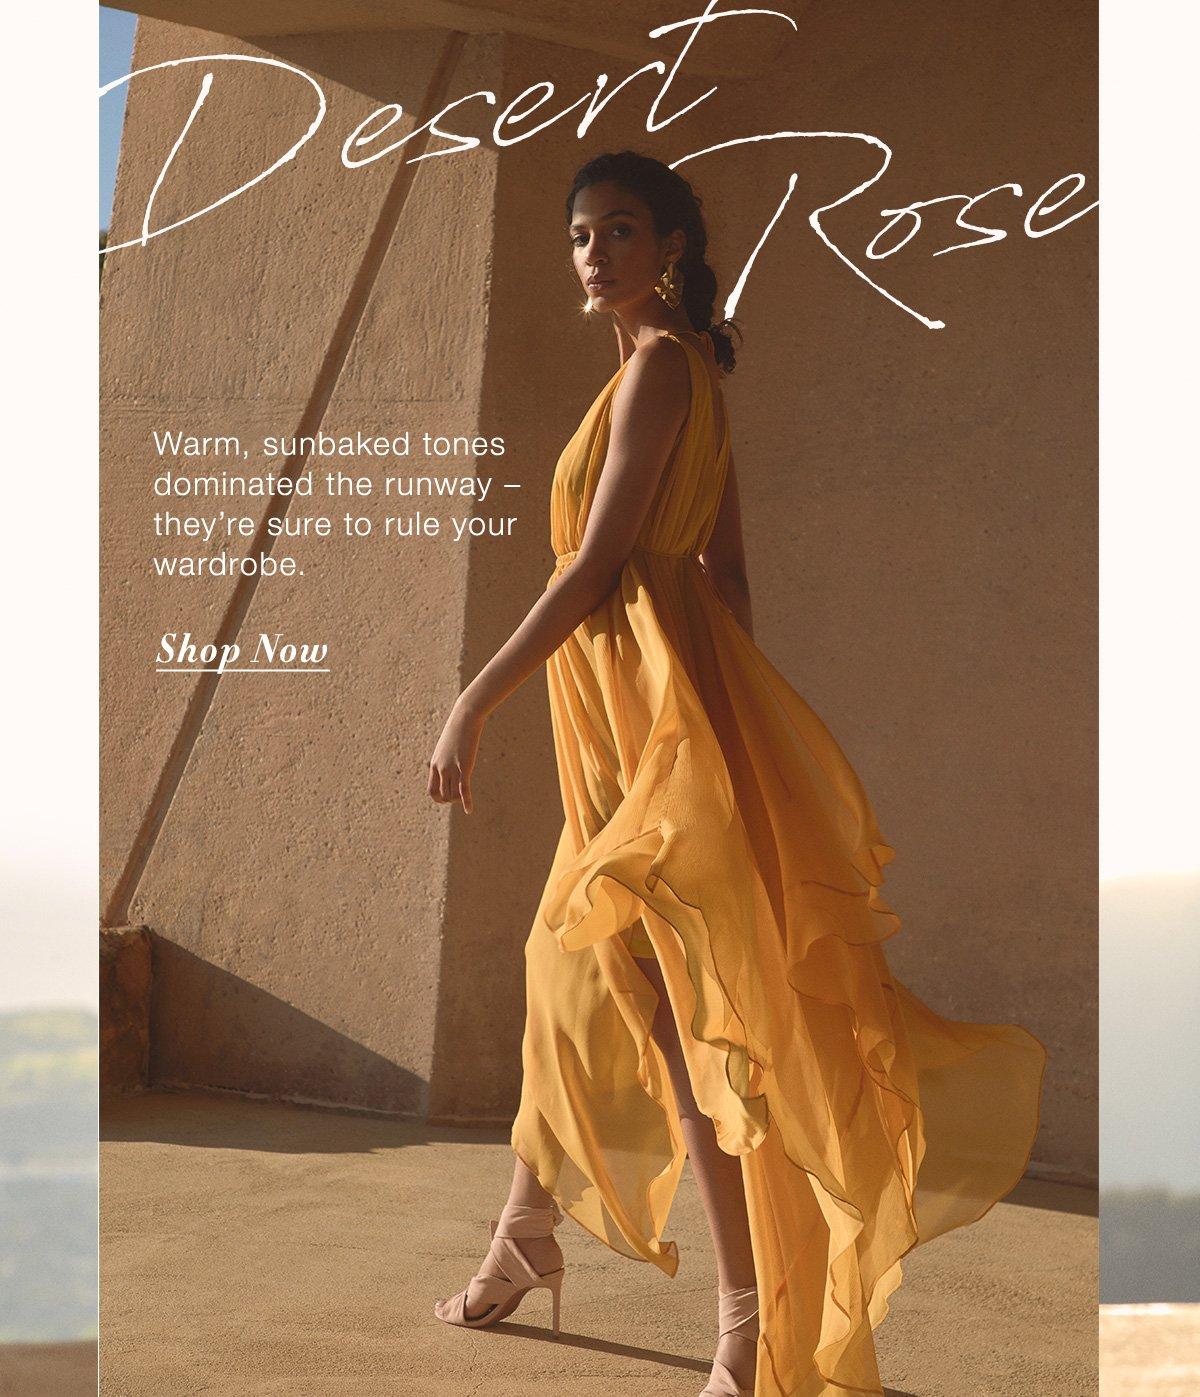 DESERT ROSE...